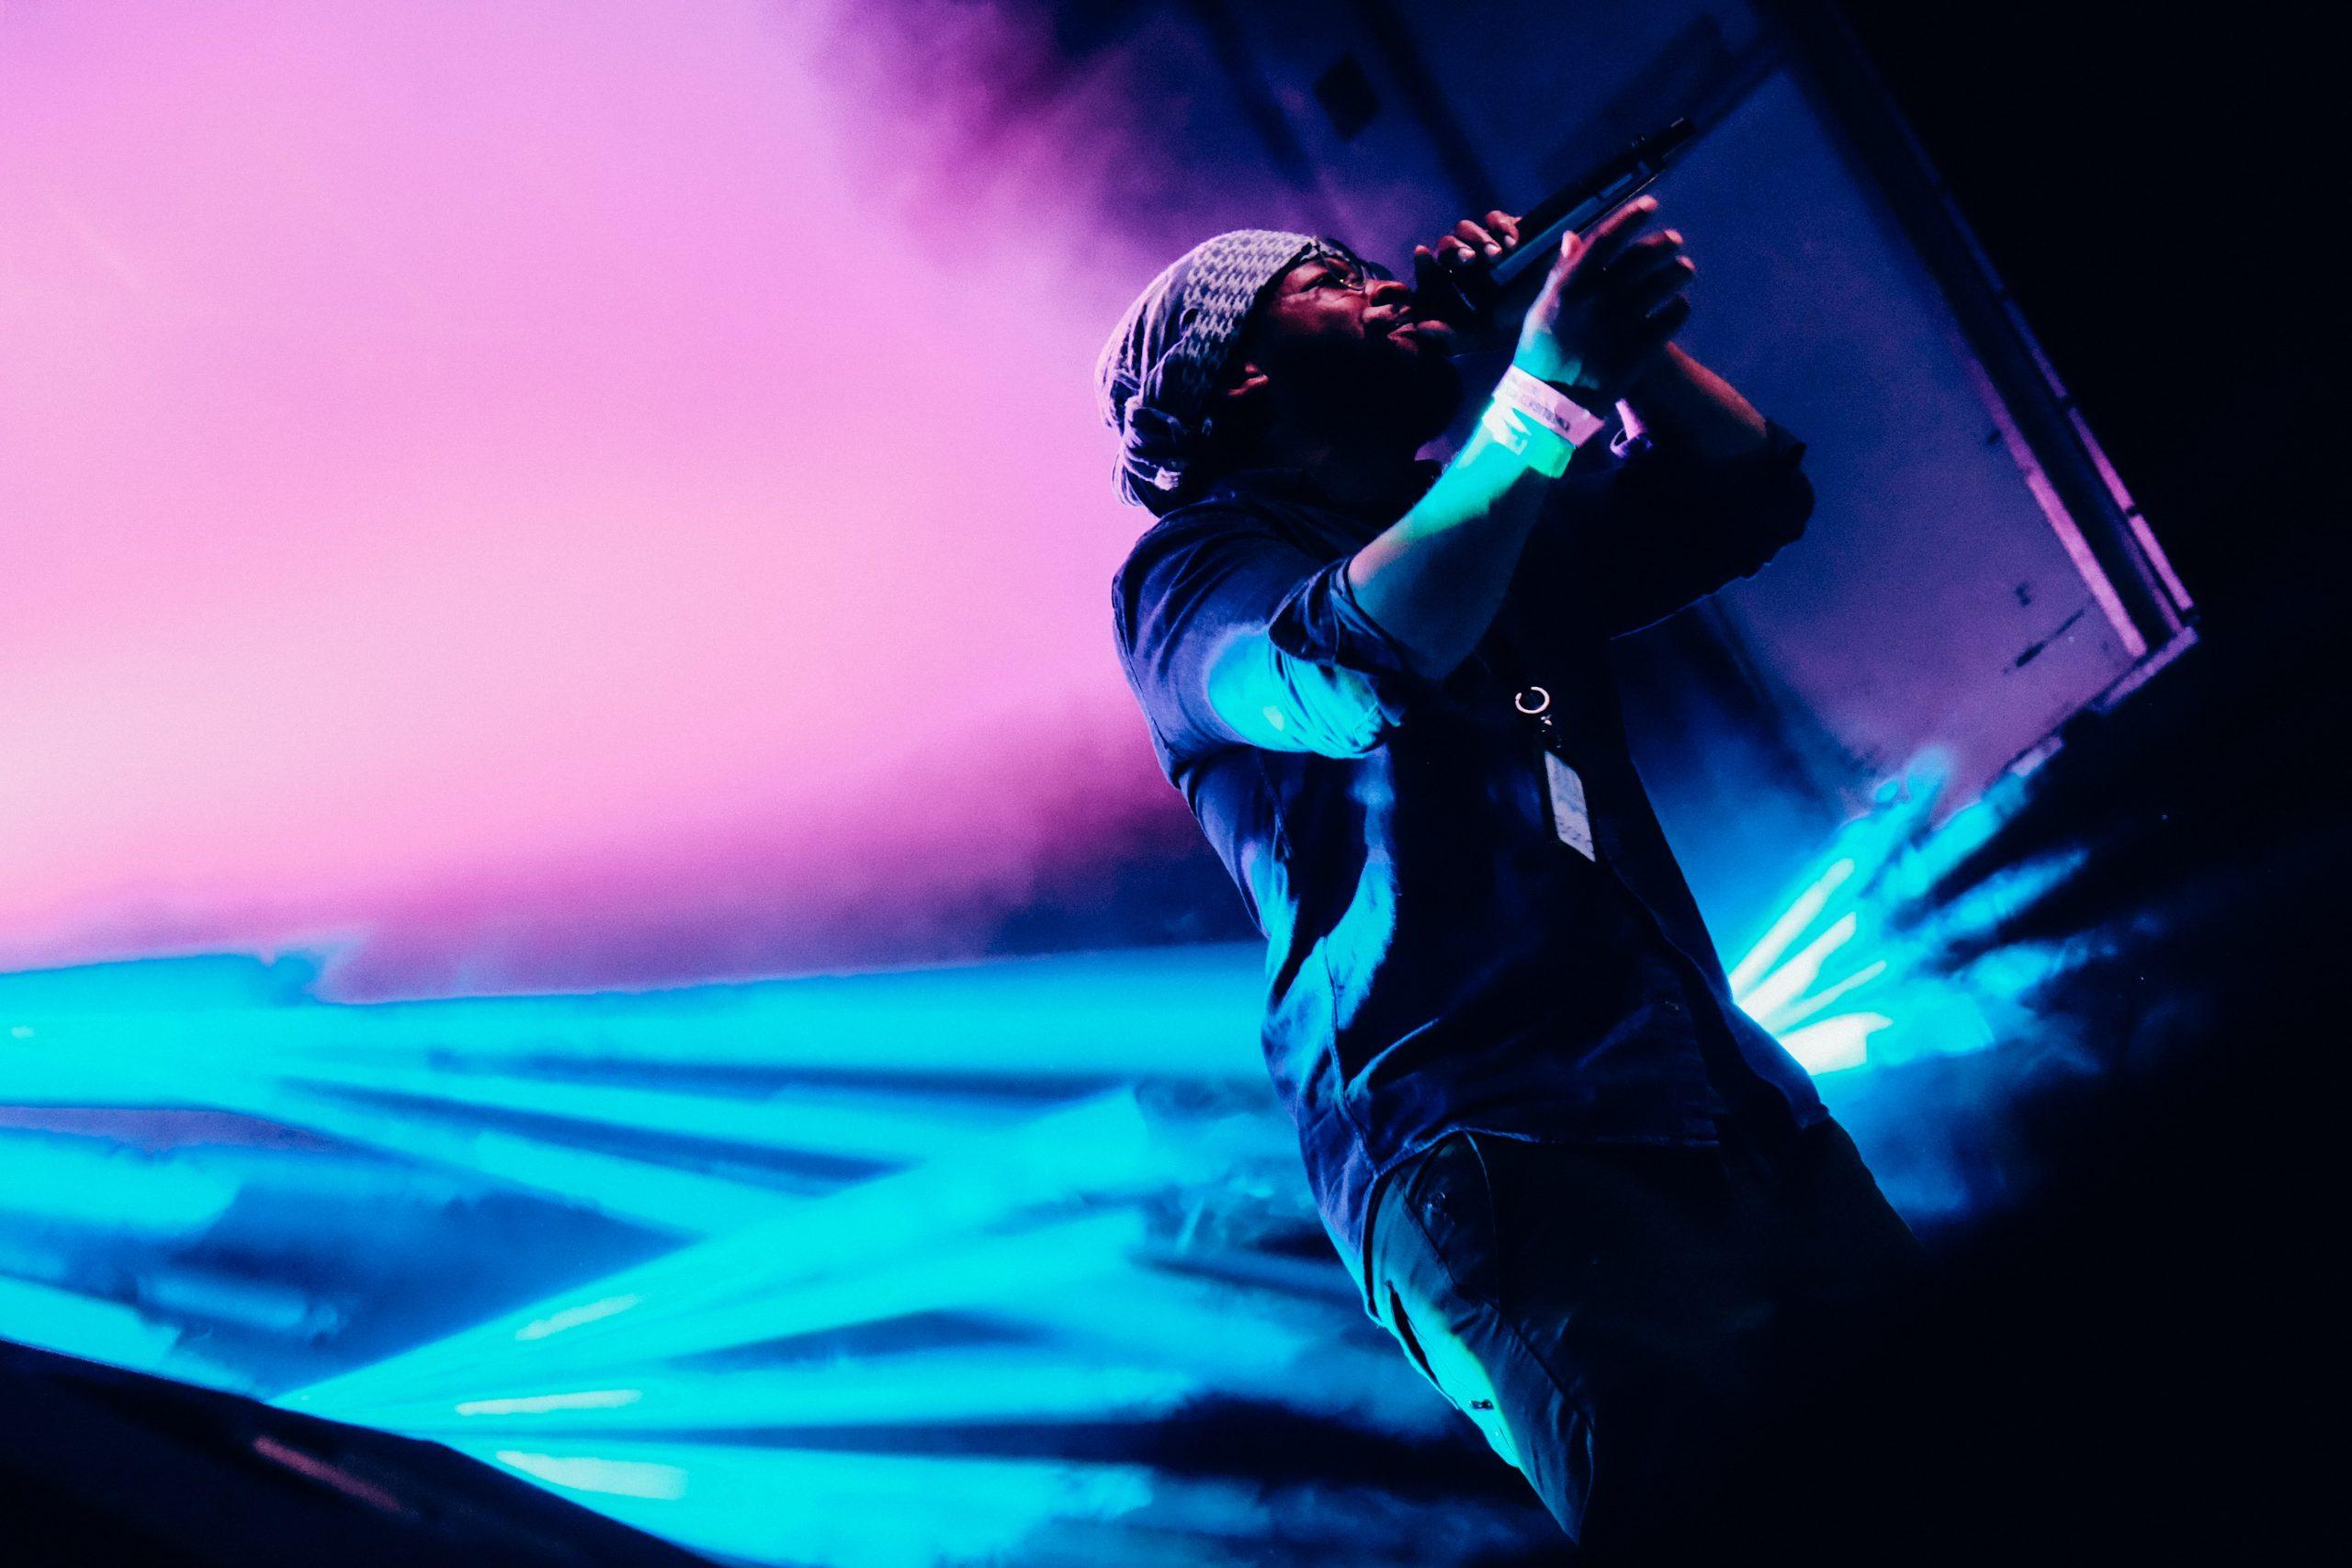 Sehen Sie sich unsere Liste der besten Hip-Hop-Songs an!